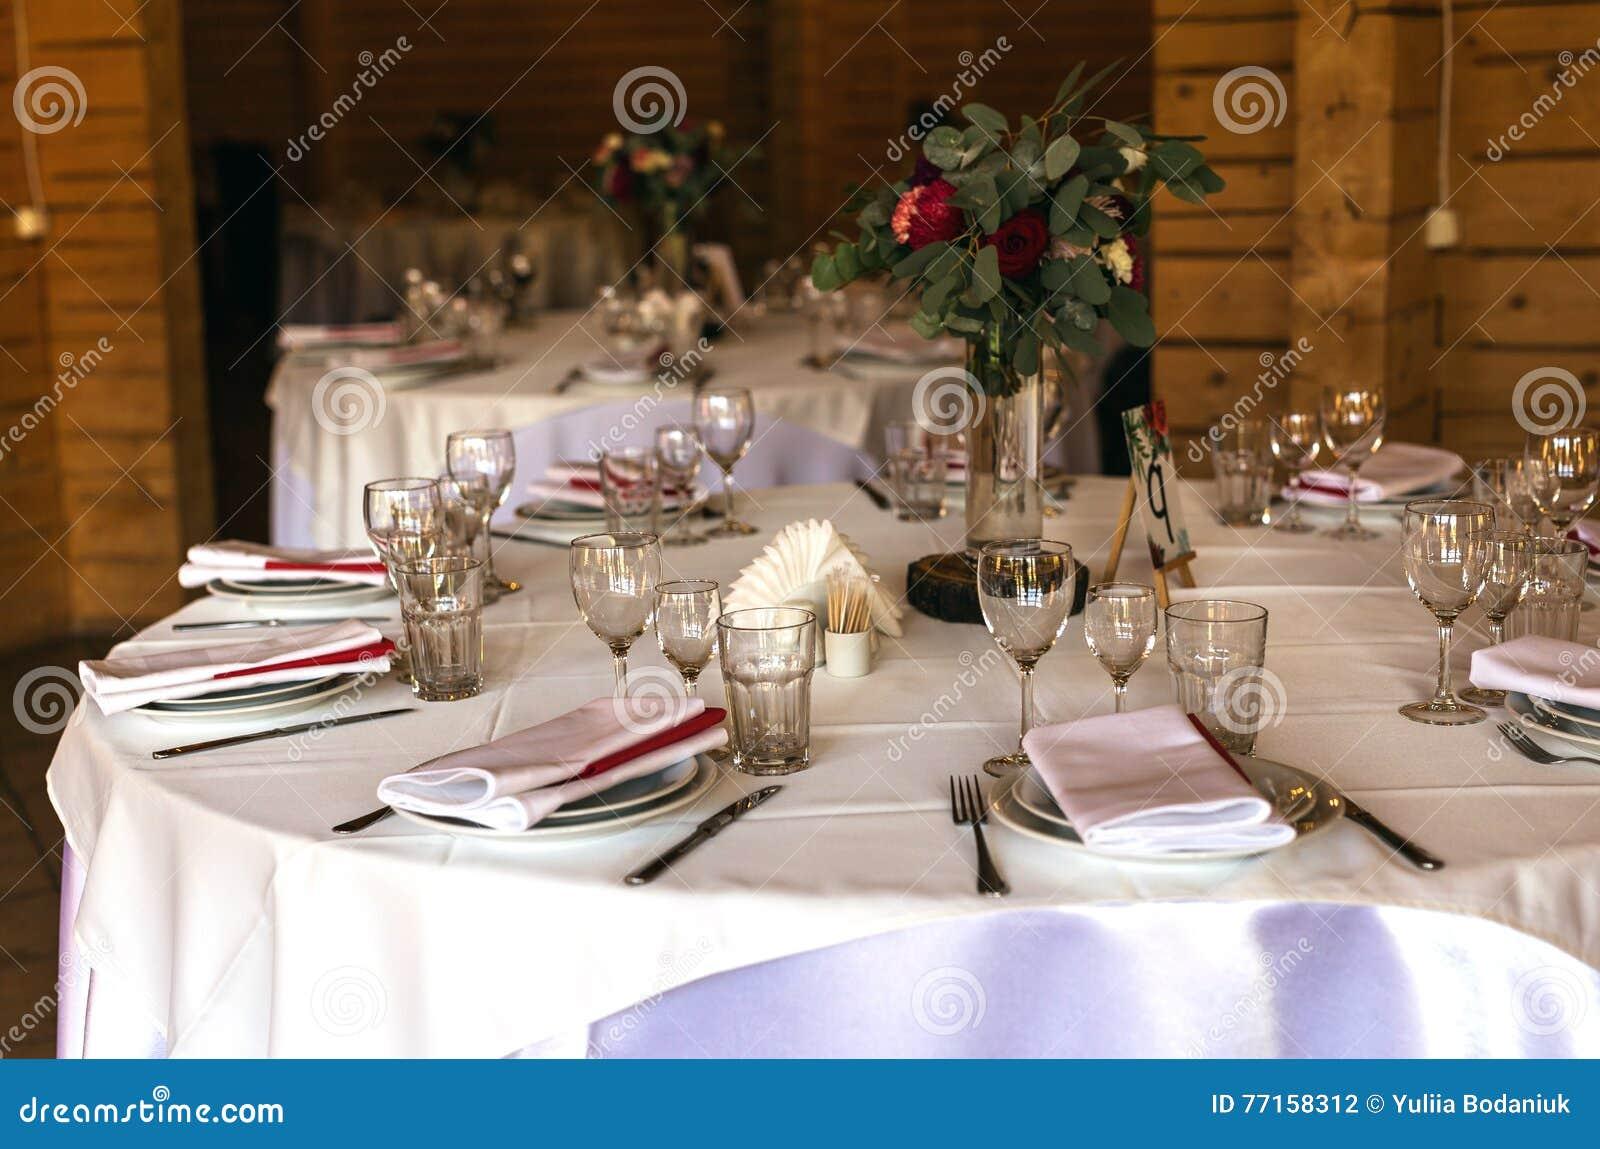 Belle table décorée élégante avec les ustensiles, vases de fleur